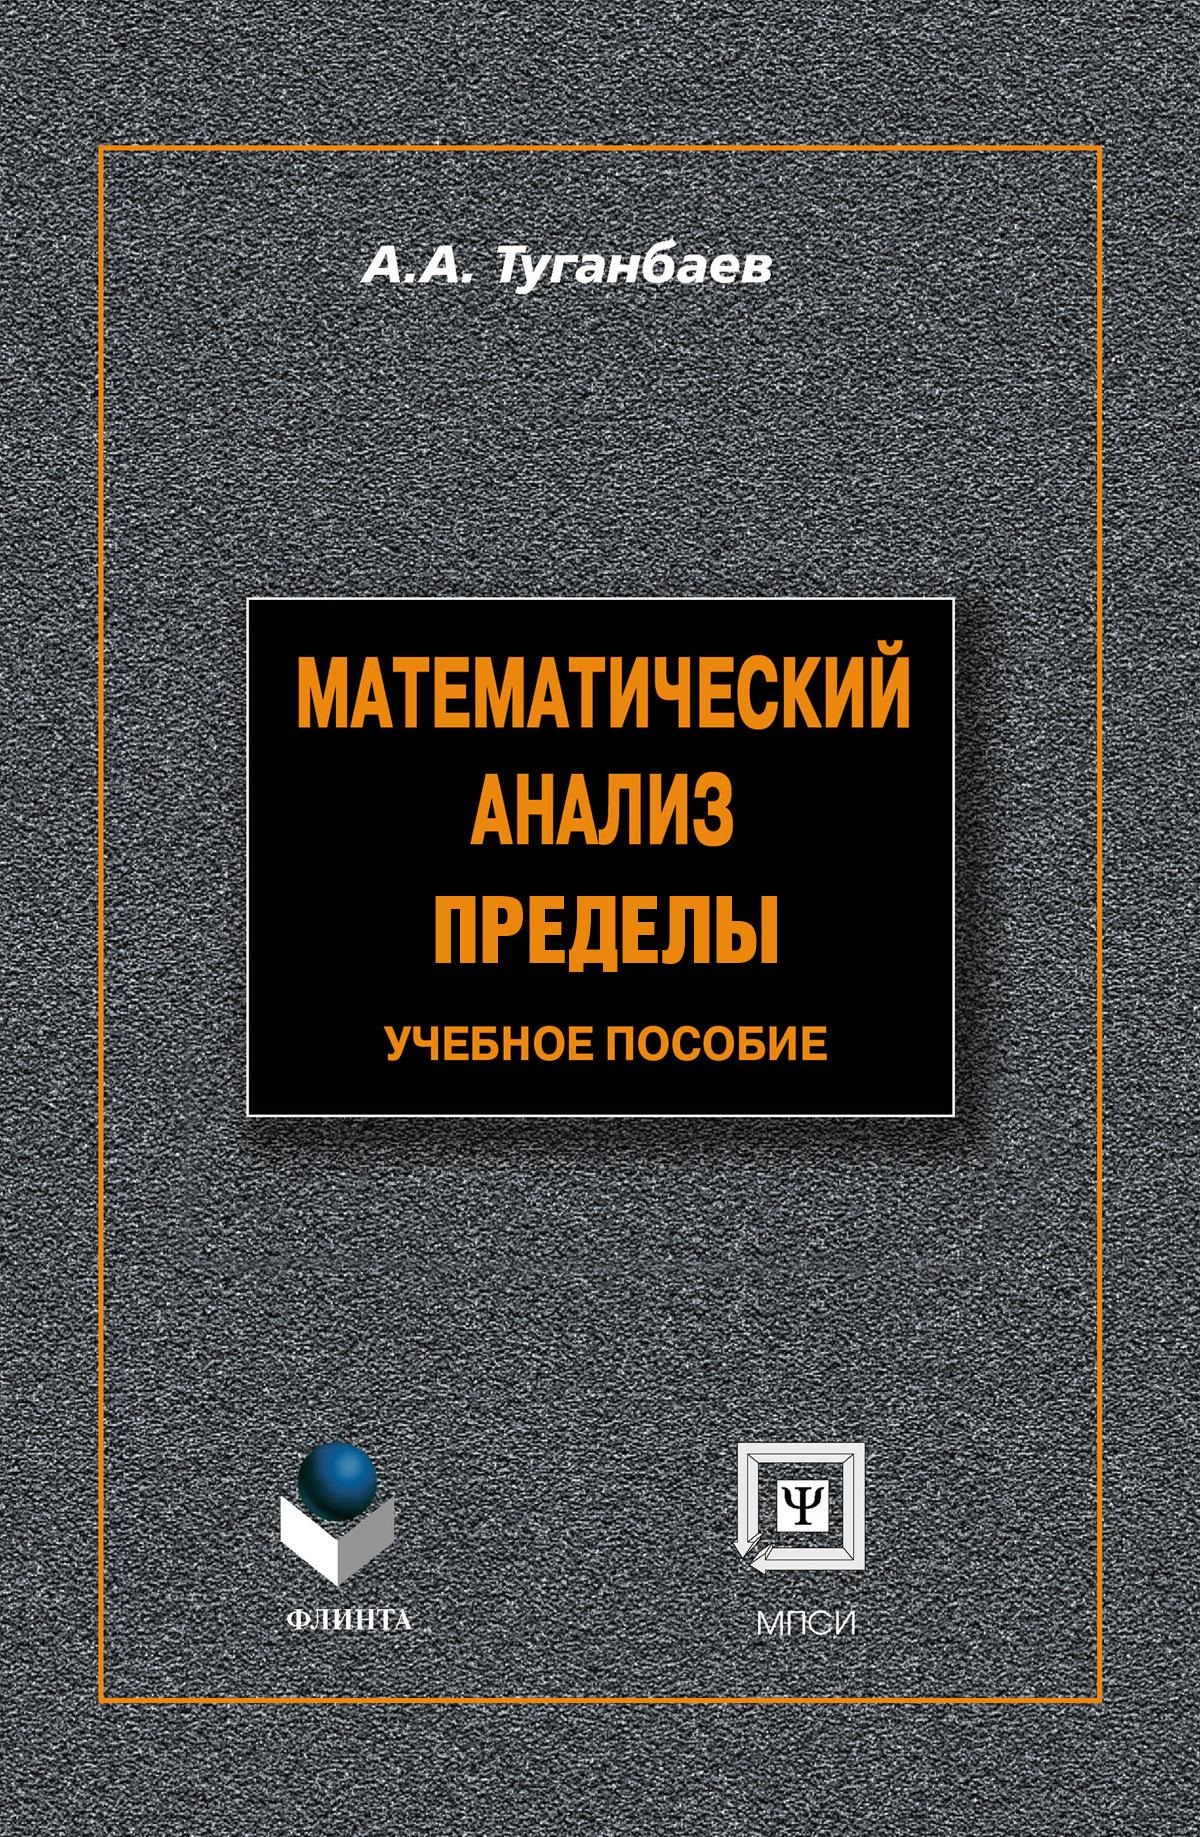 А. А. Туганбаев Математический анализ. Пределы: учебное пособие